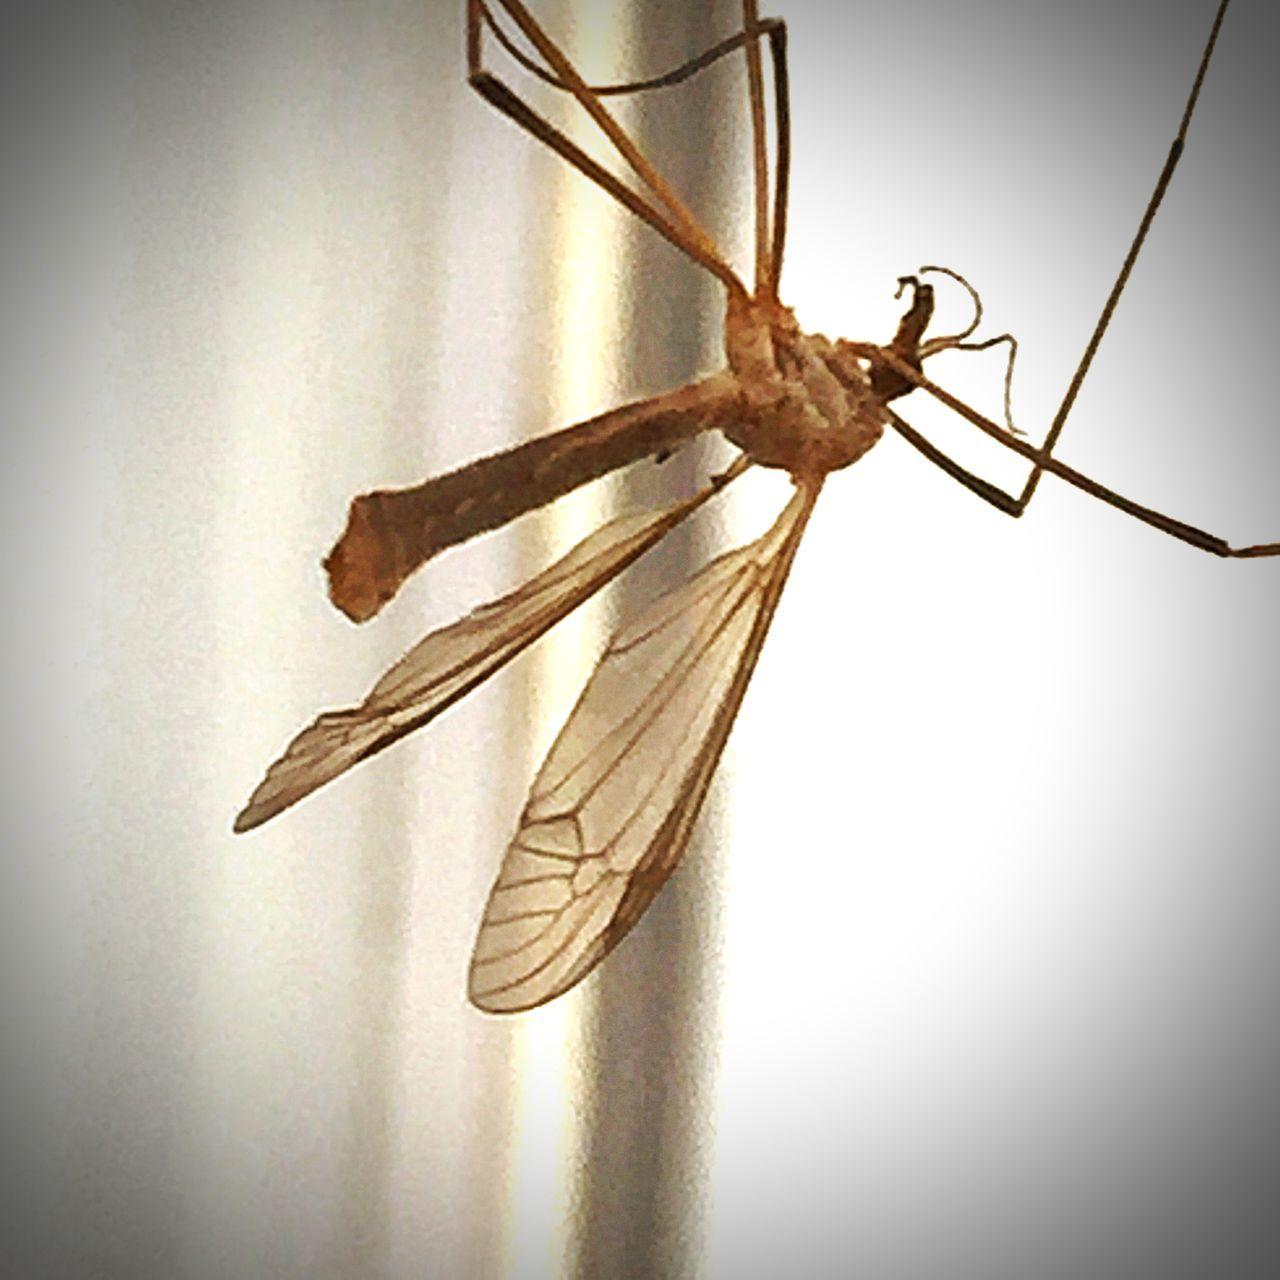 Spider bait